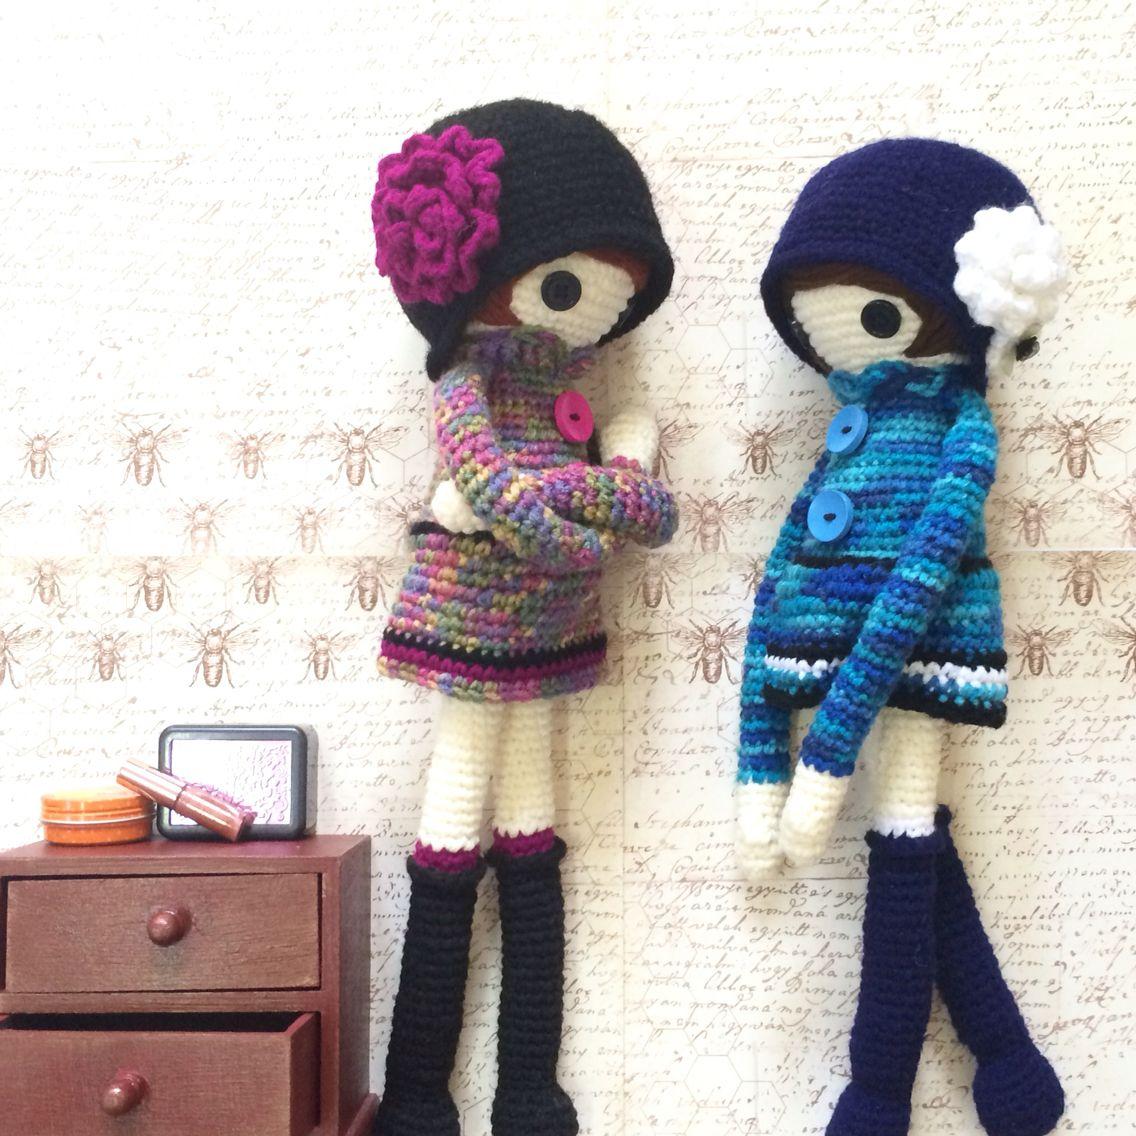 Moderno Patrones De Crochet La Muñeca De La Vendimia Ilustración ...